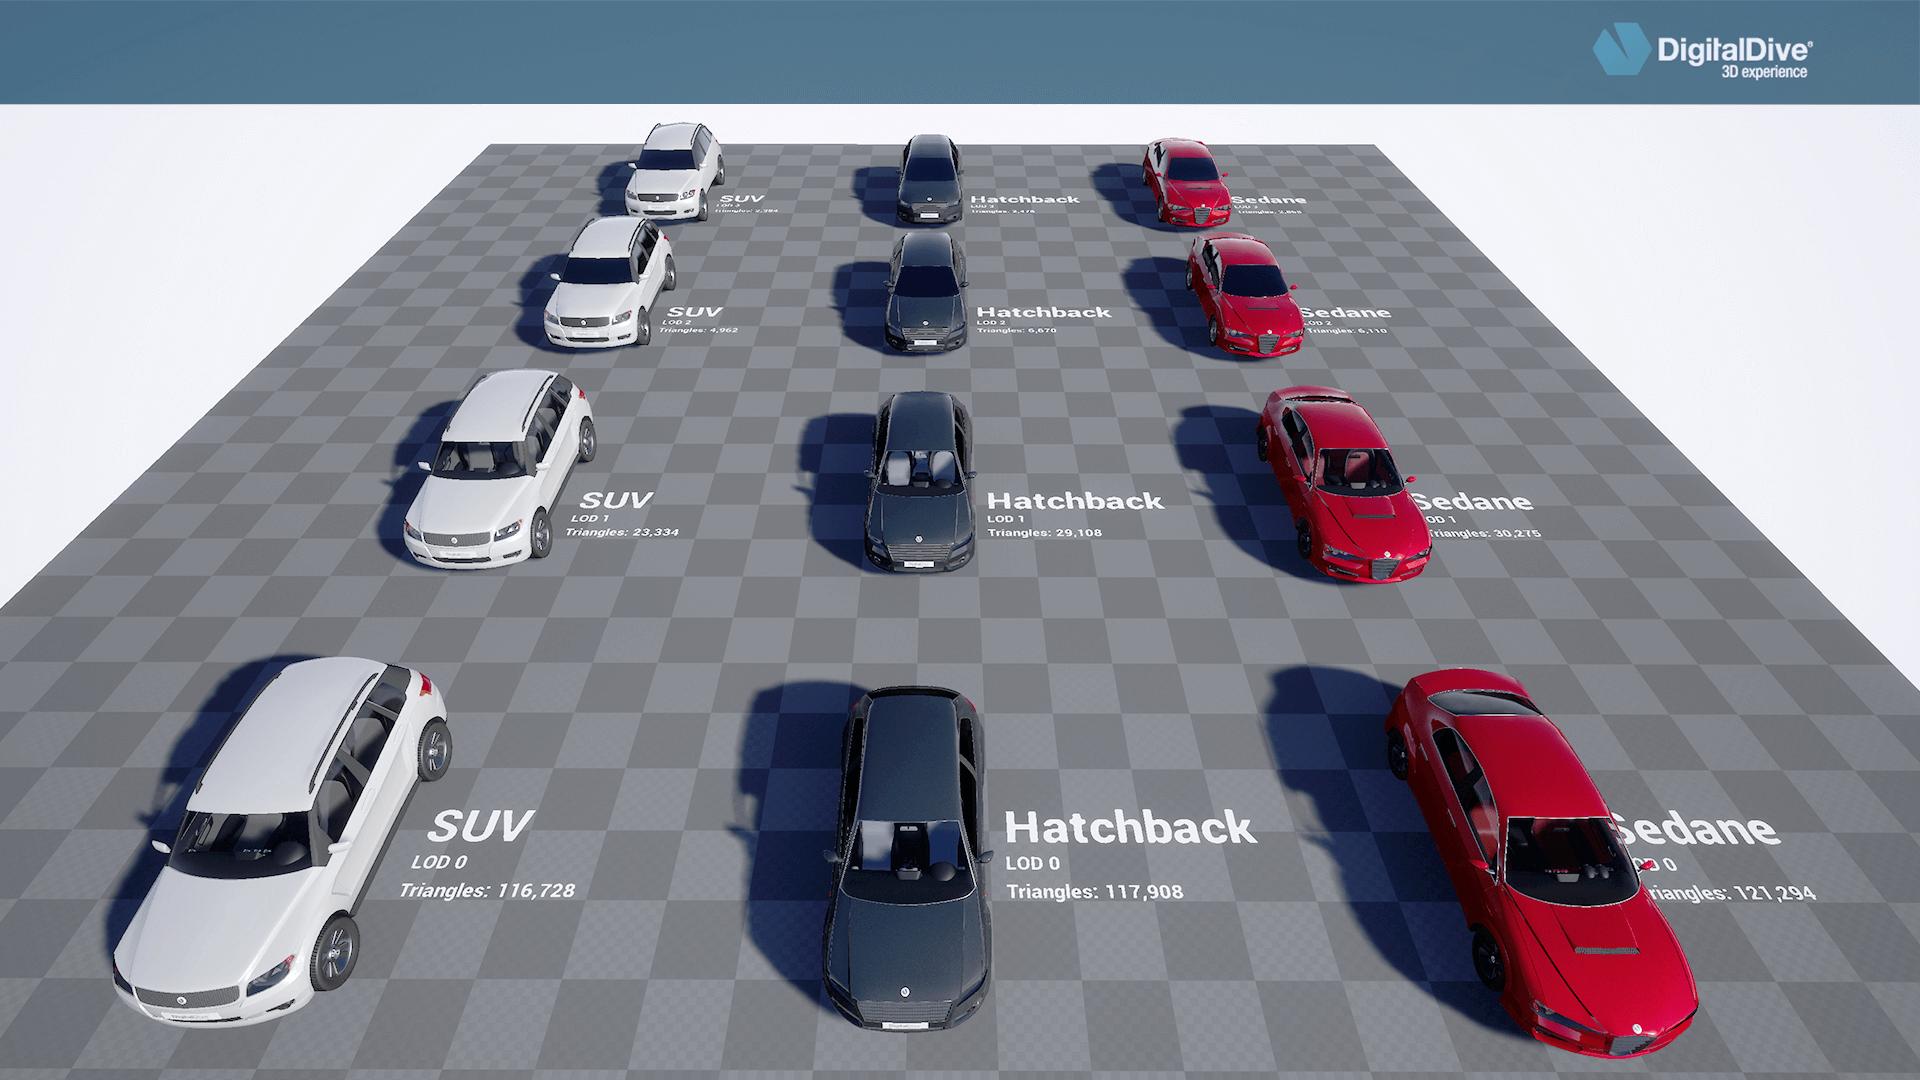 driveable cars basic pack 3d assets blueprints by digital dive